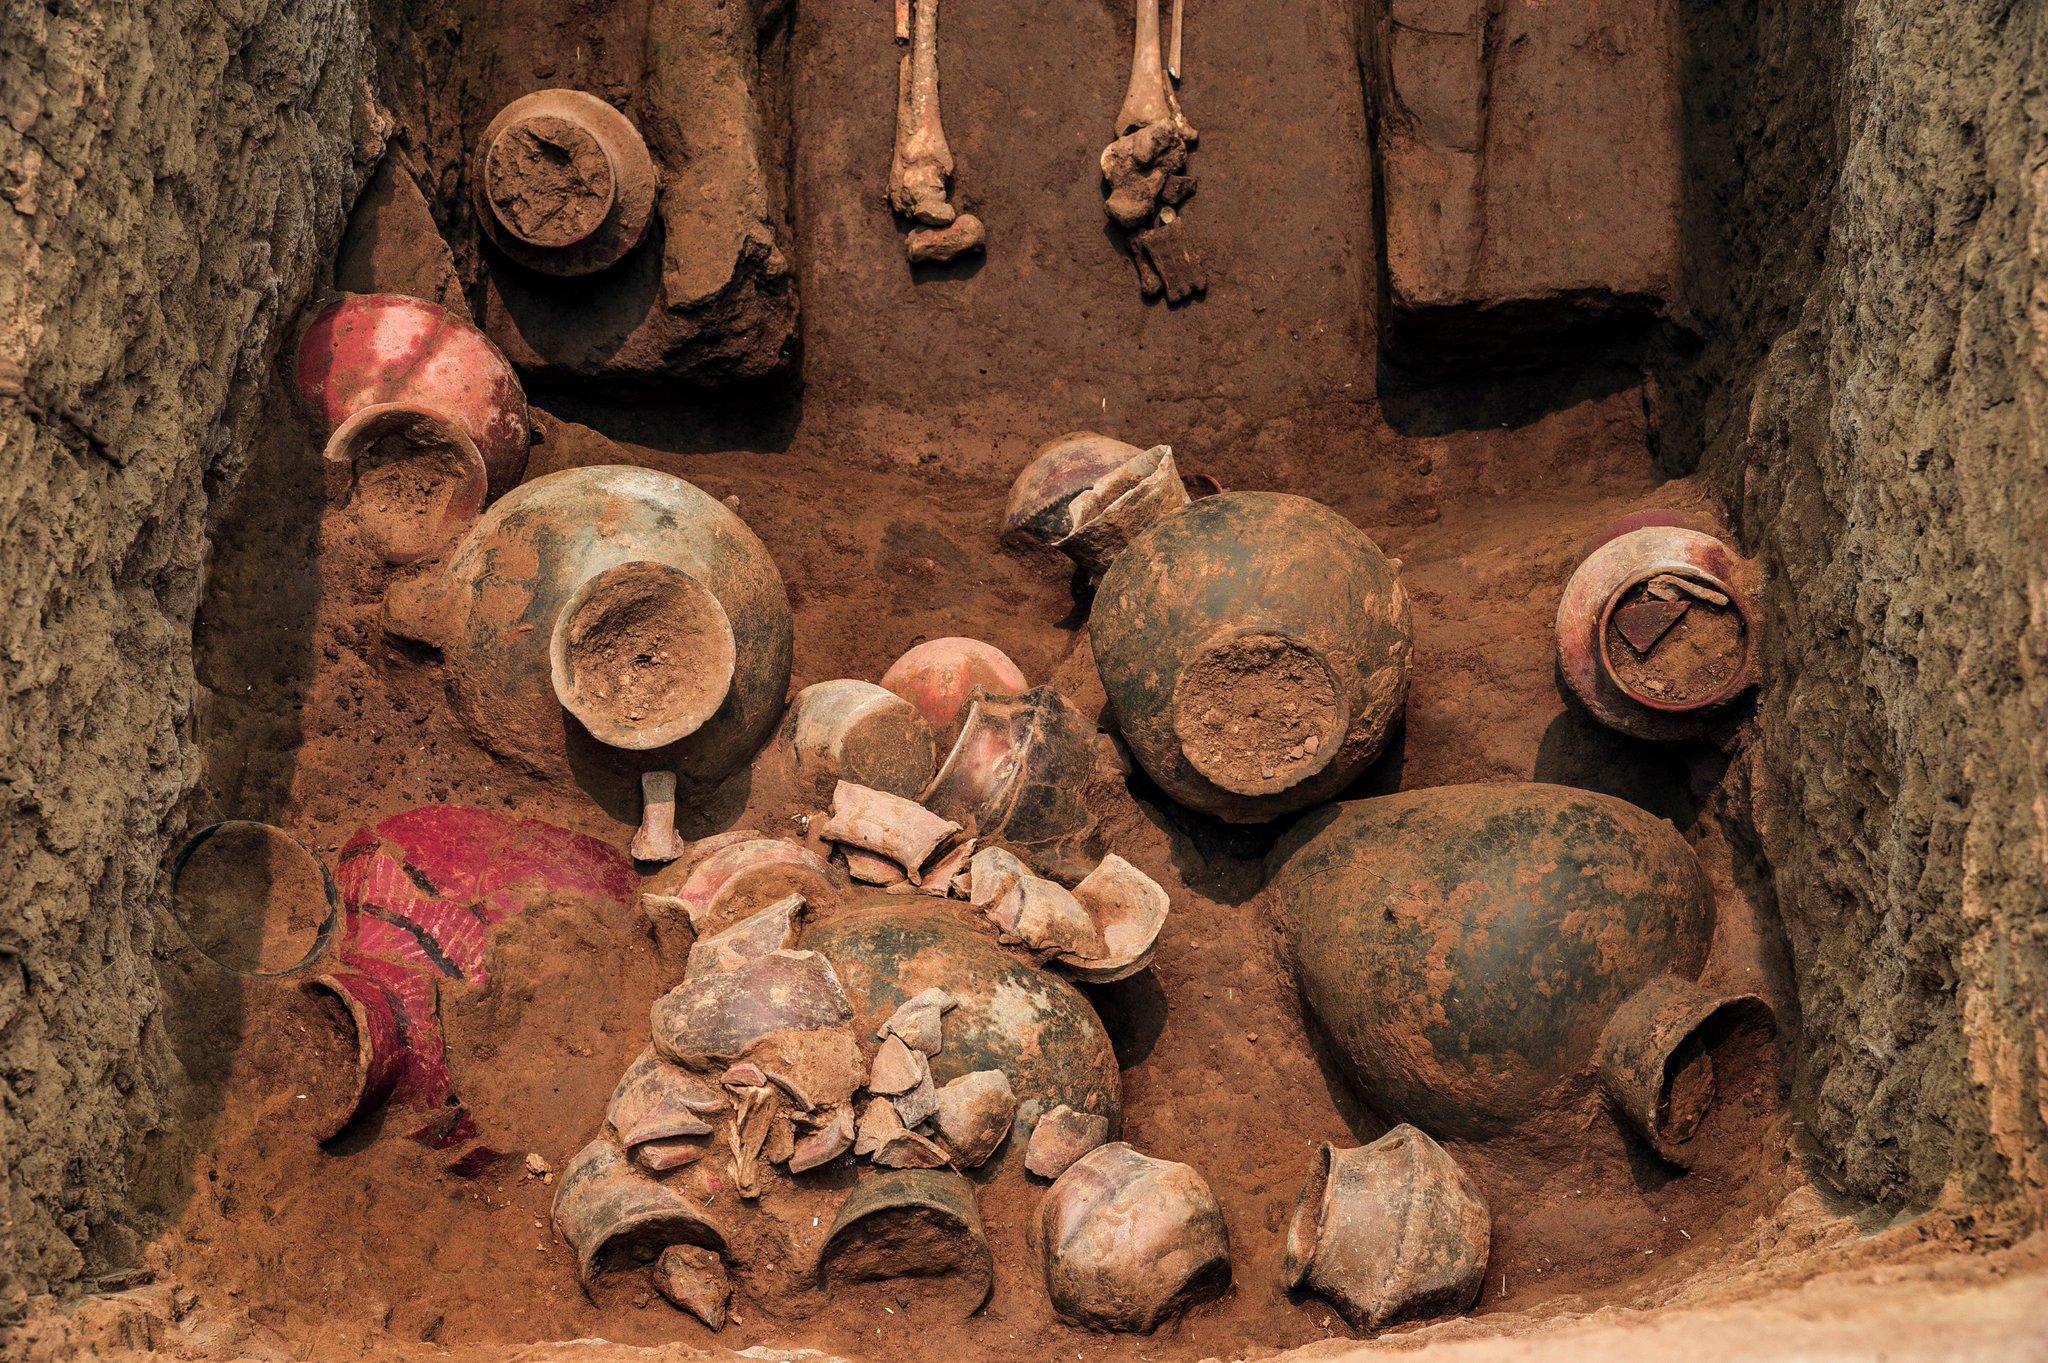 Удивительные археологические находки фото